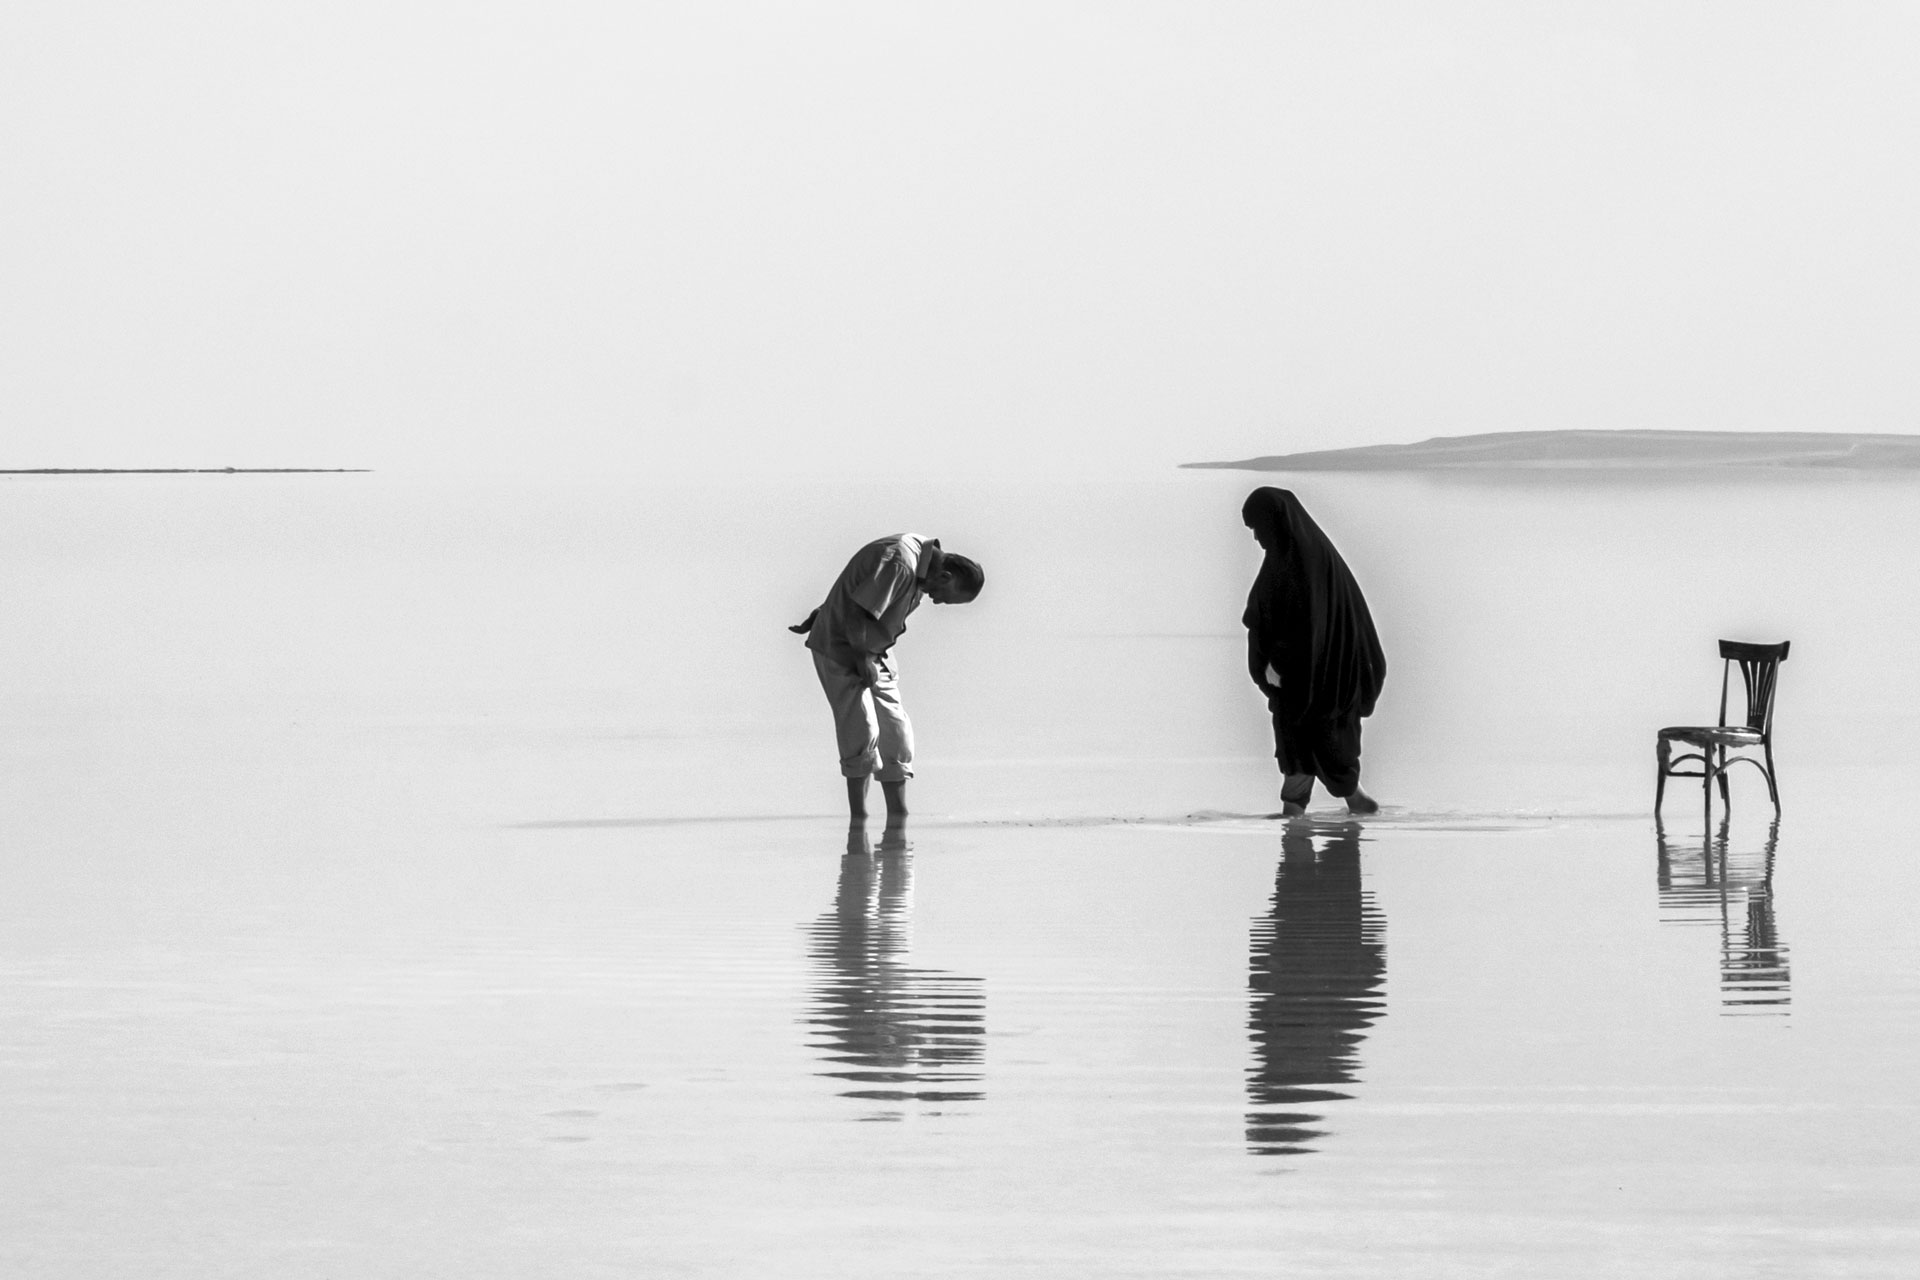 Tuz Gölü Fotoğrafları Tuz gölü resimleri amca ve türbanlı kadın Çekergezer Hakan Aydın Fotoğrafları Tuz Gölü görselleri